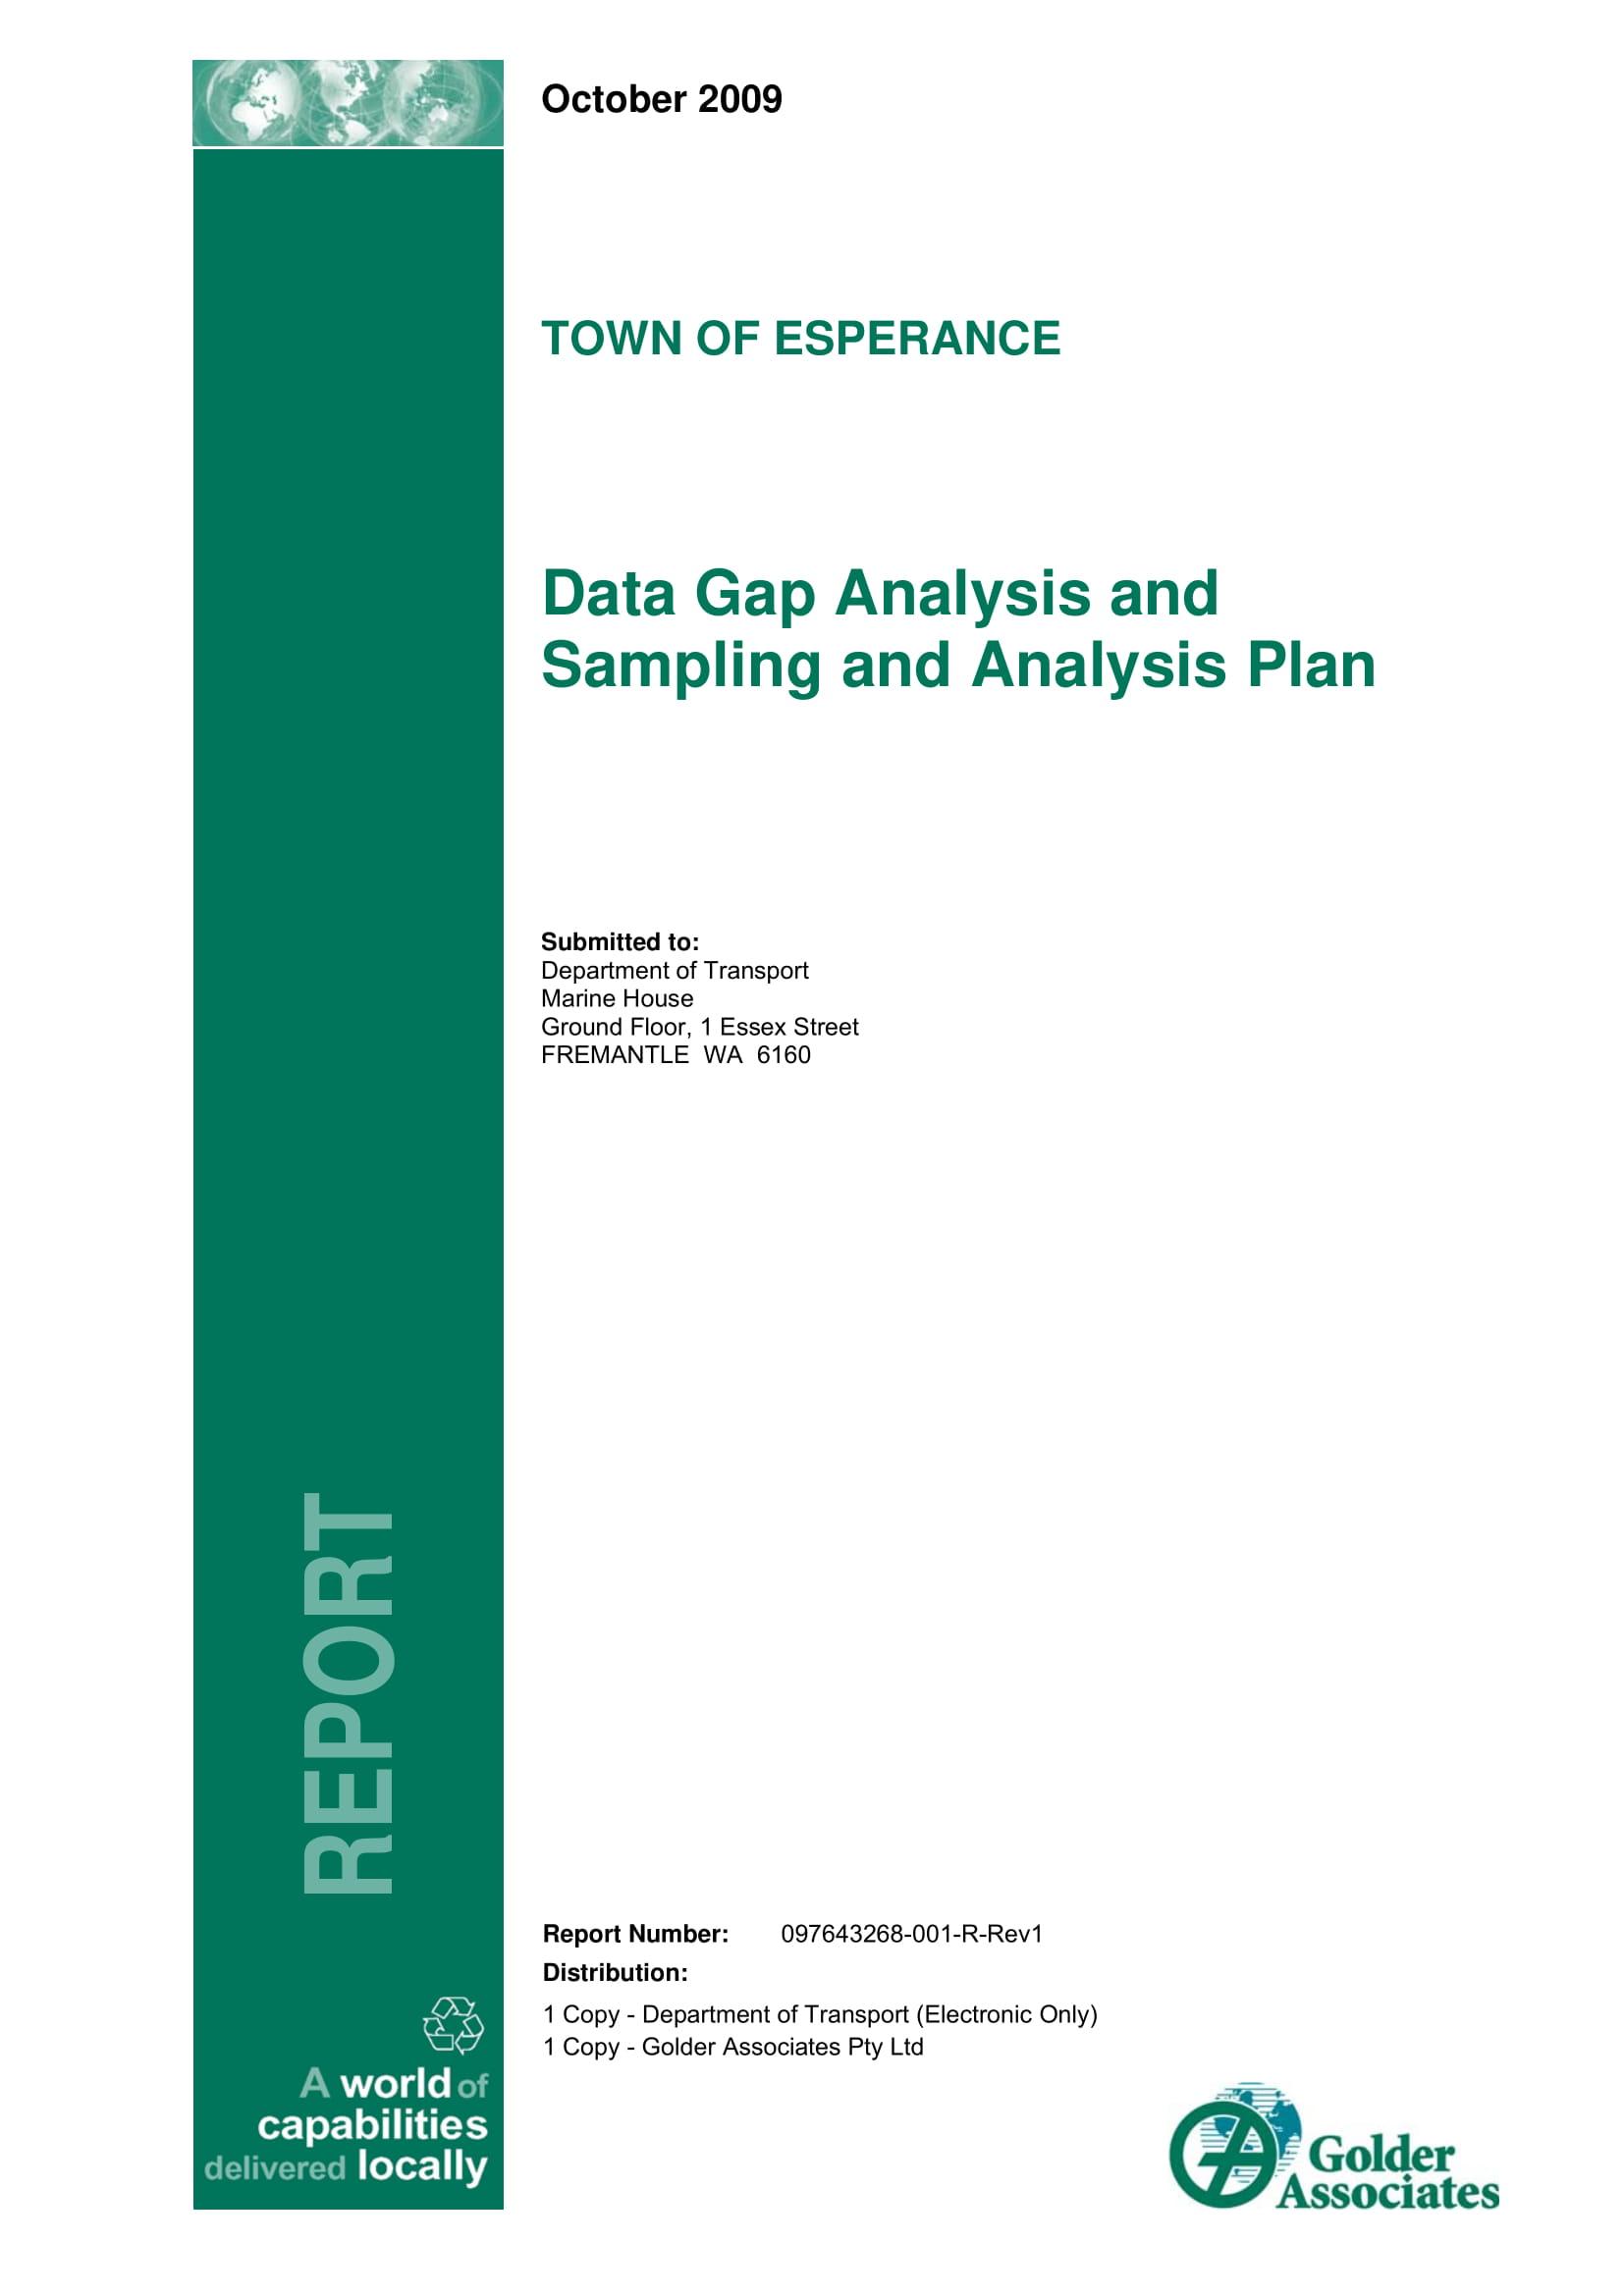 data gap analysis and sampling and analysis plan example 001